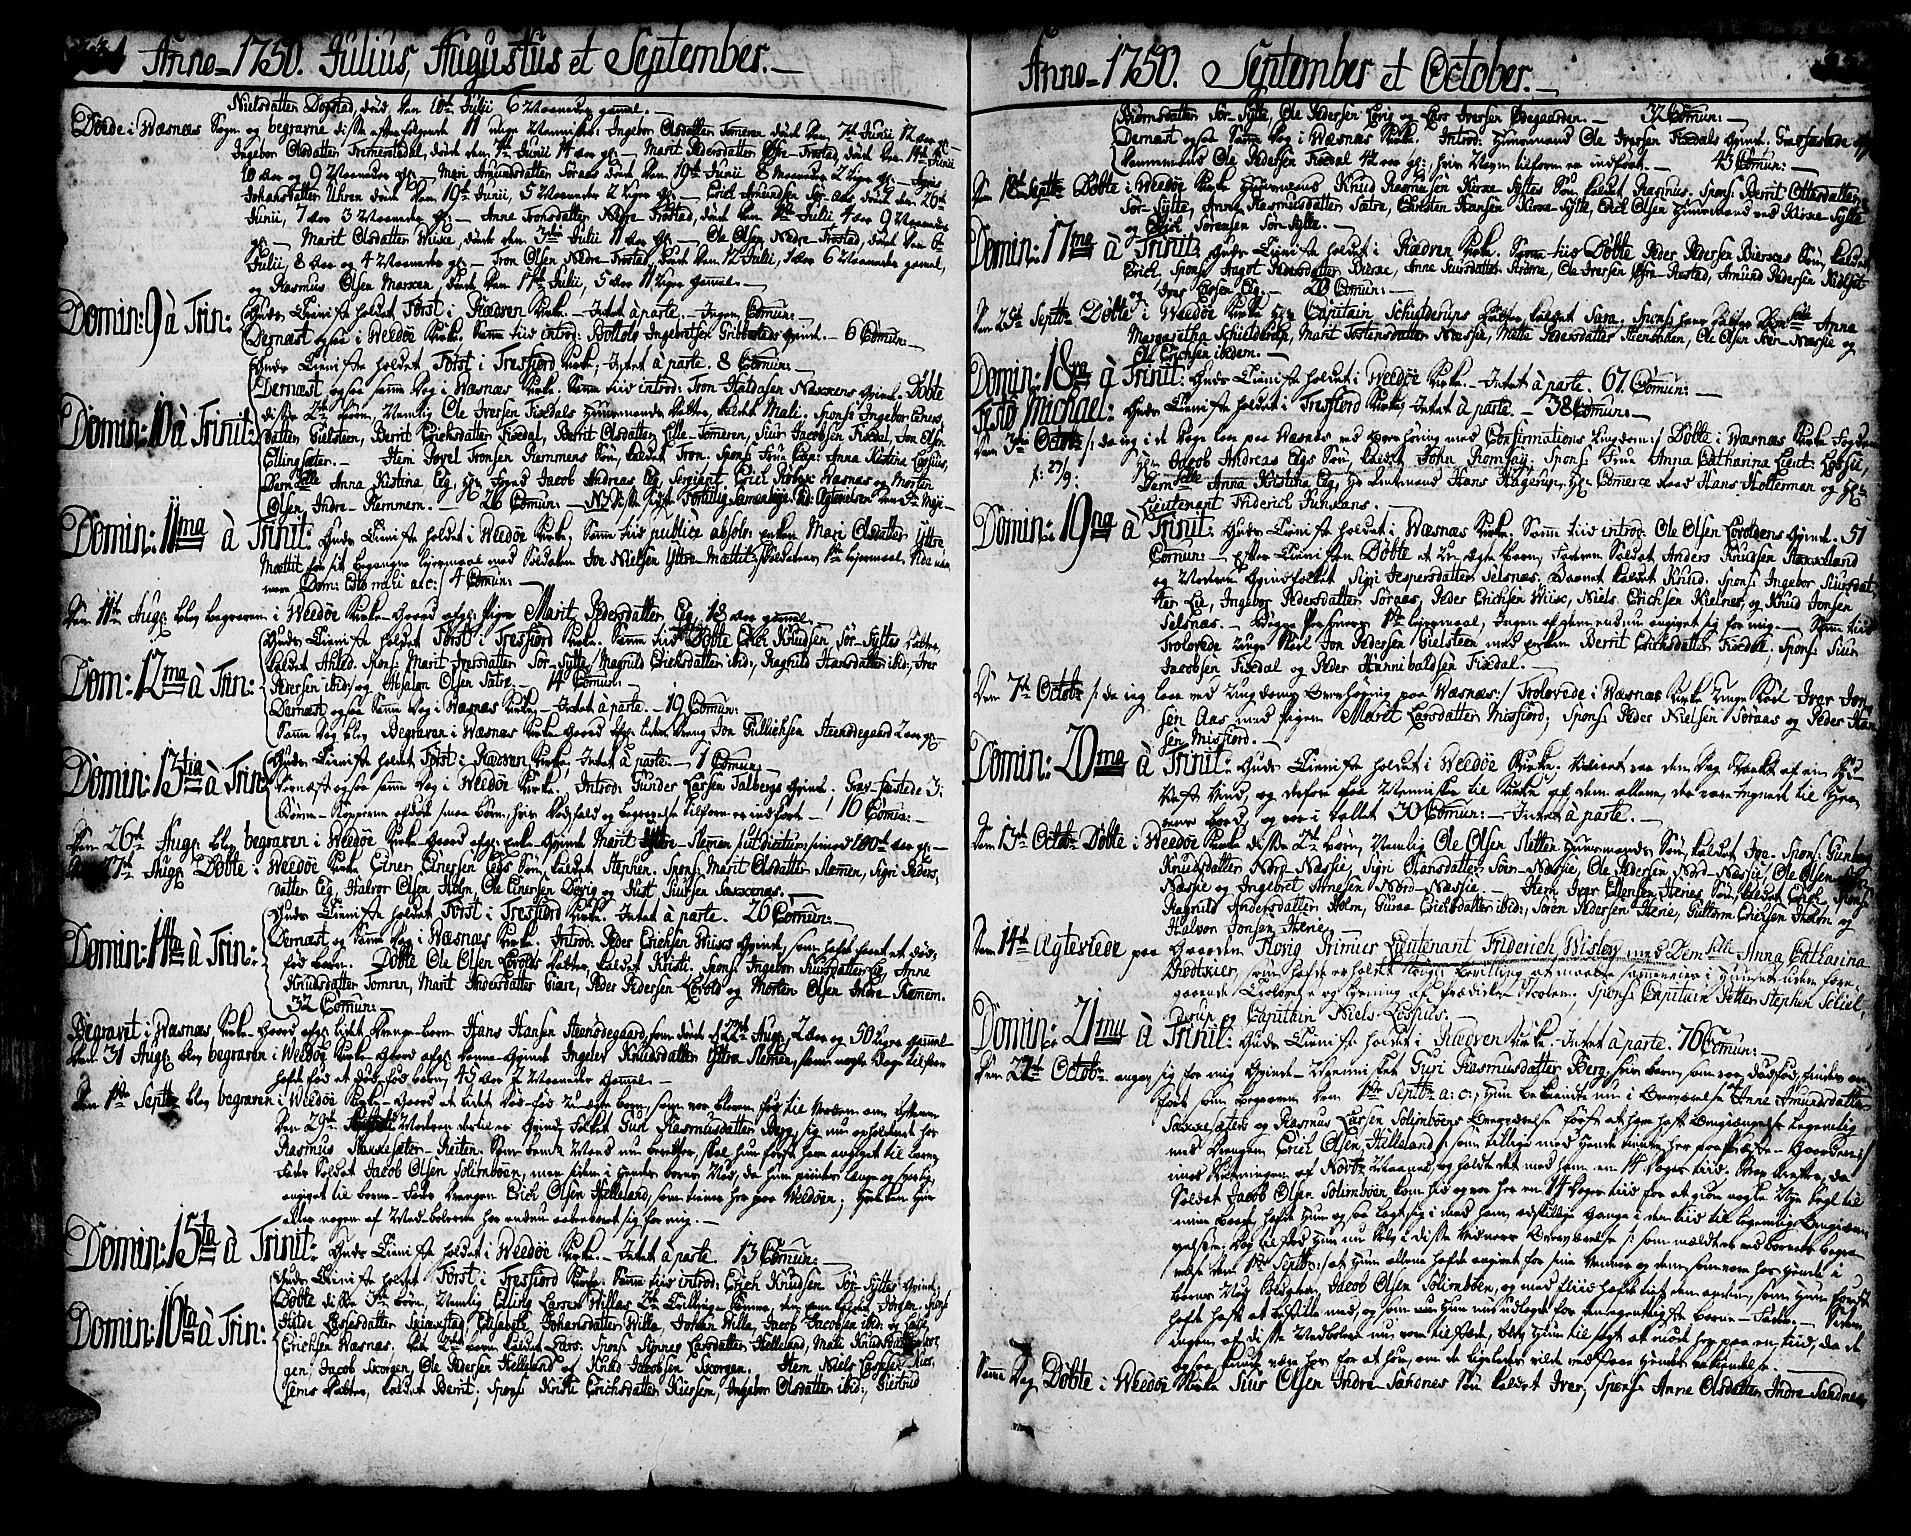 SAT, Ministerialprotokoller, klokkerbøker og fødselsregistre - Møre og Romsdal, 547/L0599: Ministerialbok nr. 547A01, 1721-1764, s. 331-332